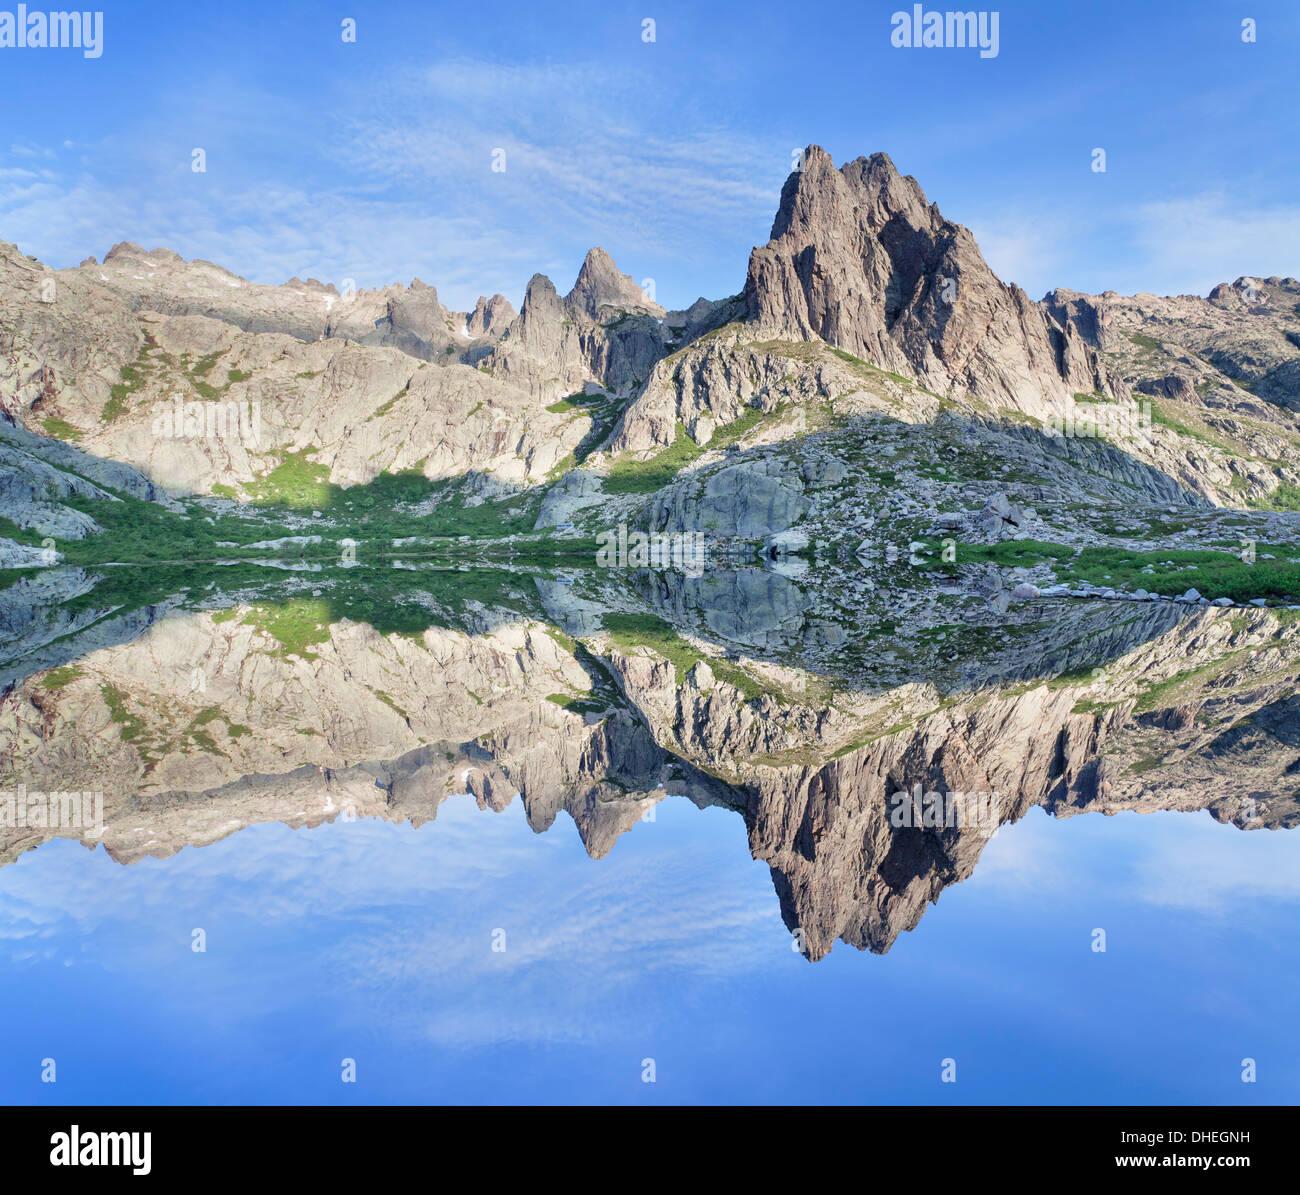 Pic Lombarduccio reflecting in Lac de Melo, Gorges de la Restonica, Haute Corse, Corsica, France, Europe - Stock Image